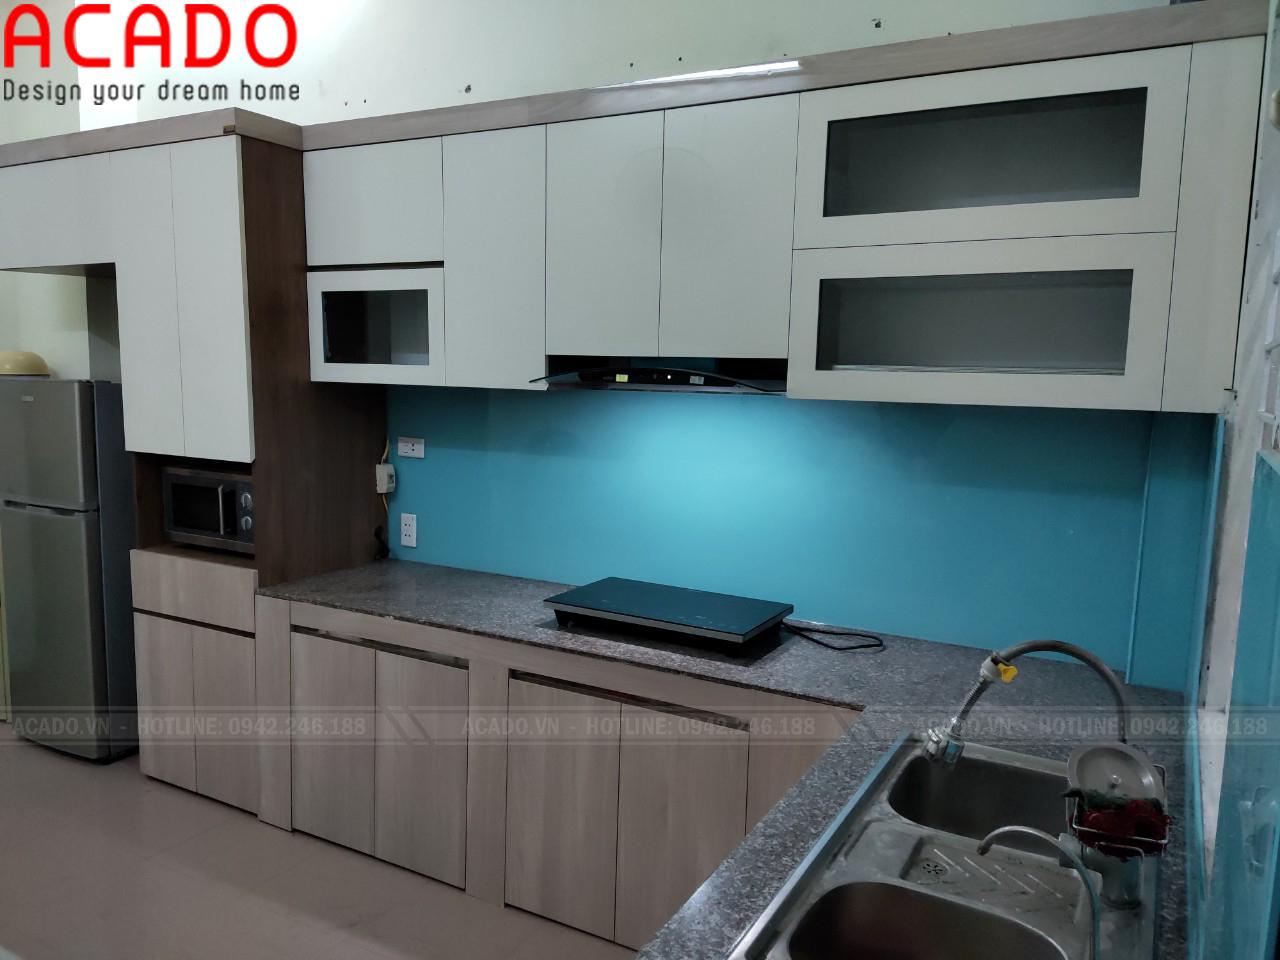 Tủ bếp khung Inox chắc chắn mang lại độ bền cao cho bộ tủ bếp - Nội thất ACADO